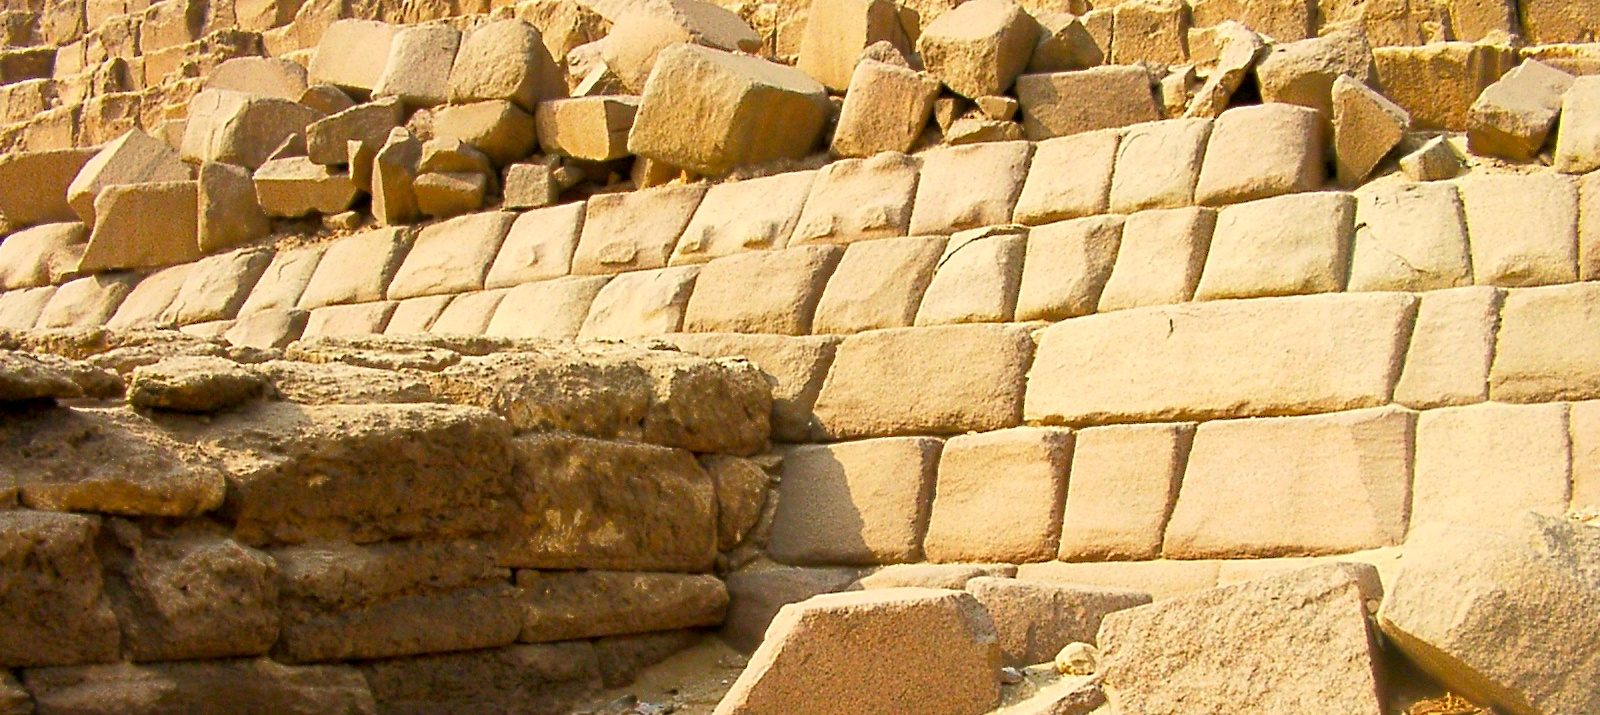 Pierre De Parement En Granit les pyramides de gizeh et les murs incas sont construits en